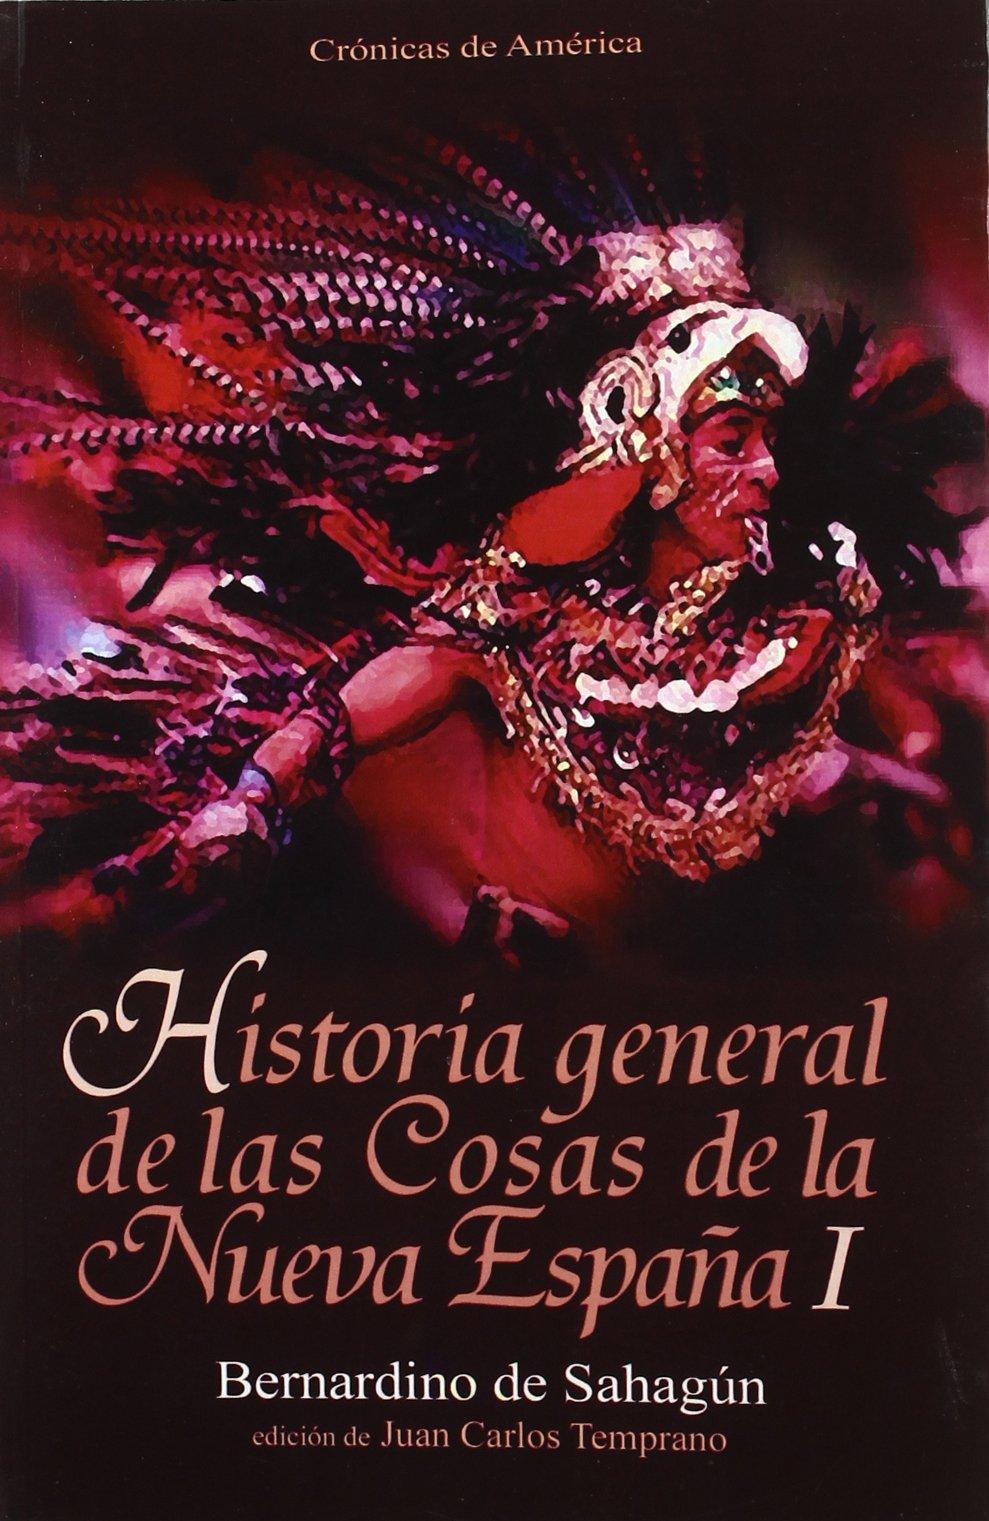 Historia general de las cosas de la Nueva España I: Amazon.es ...